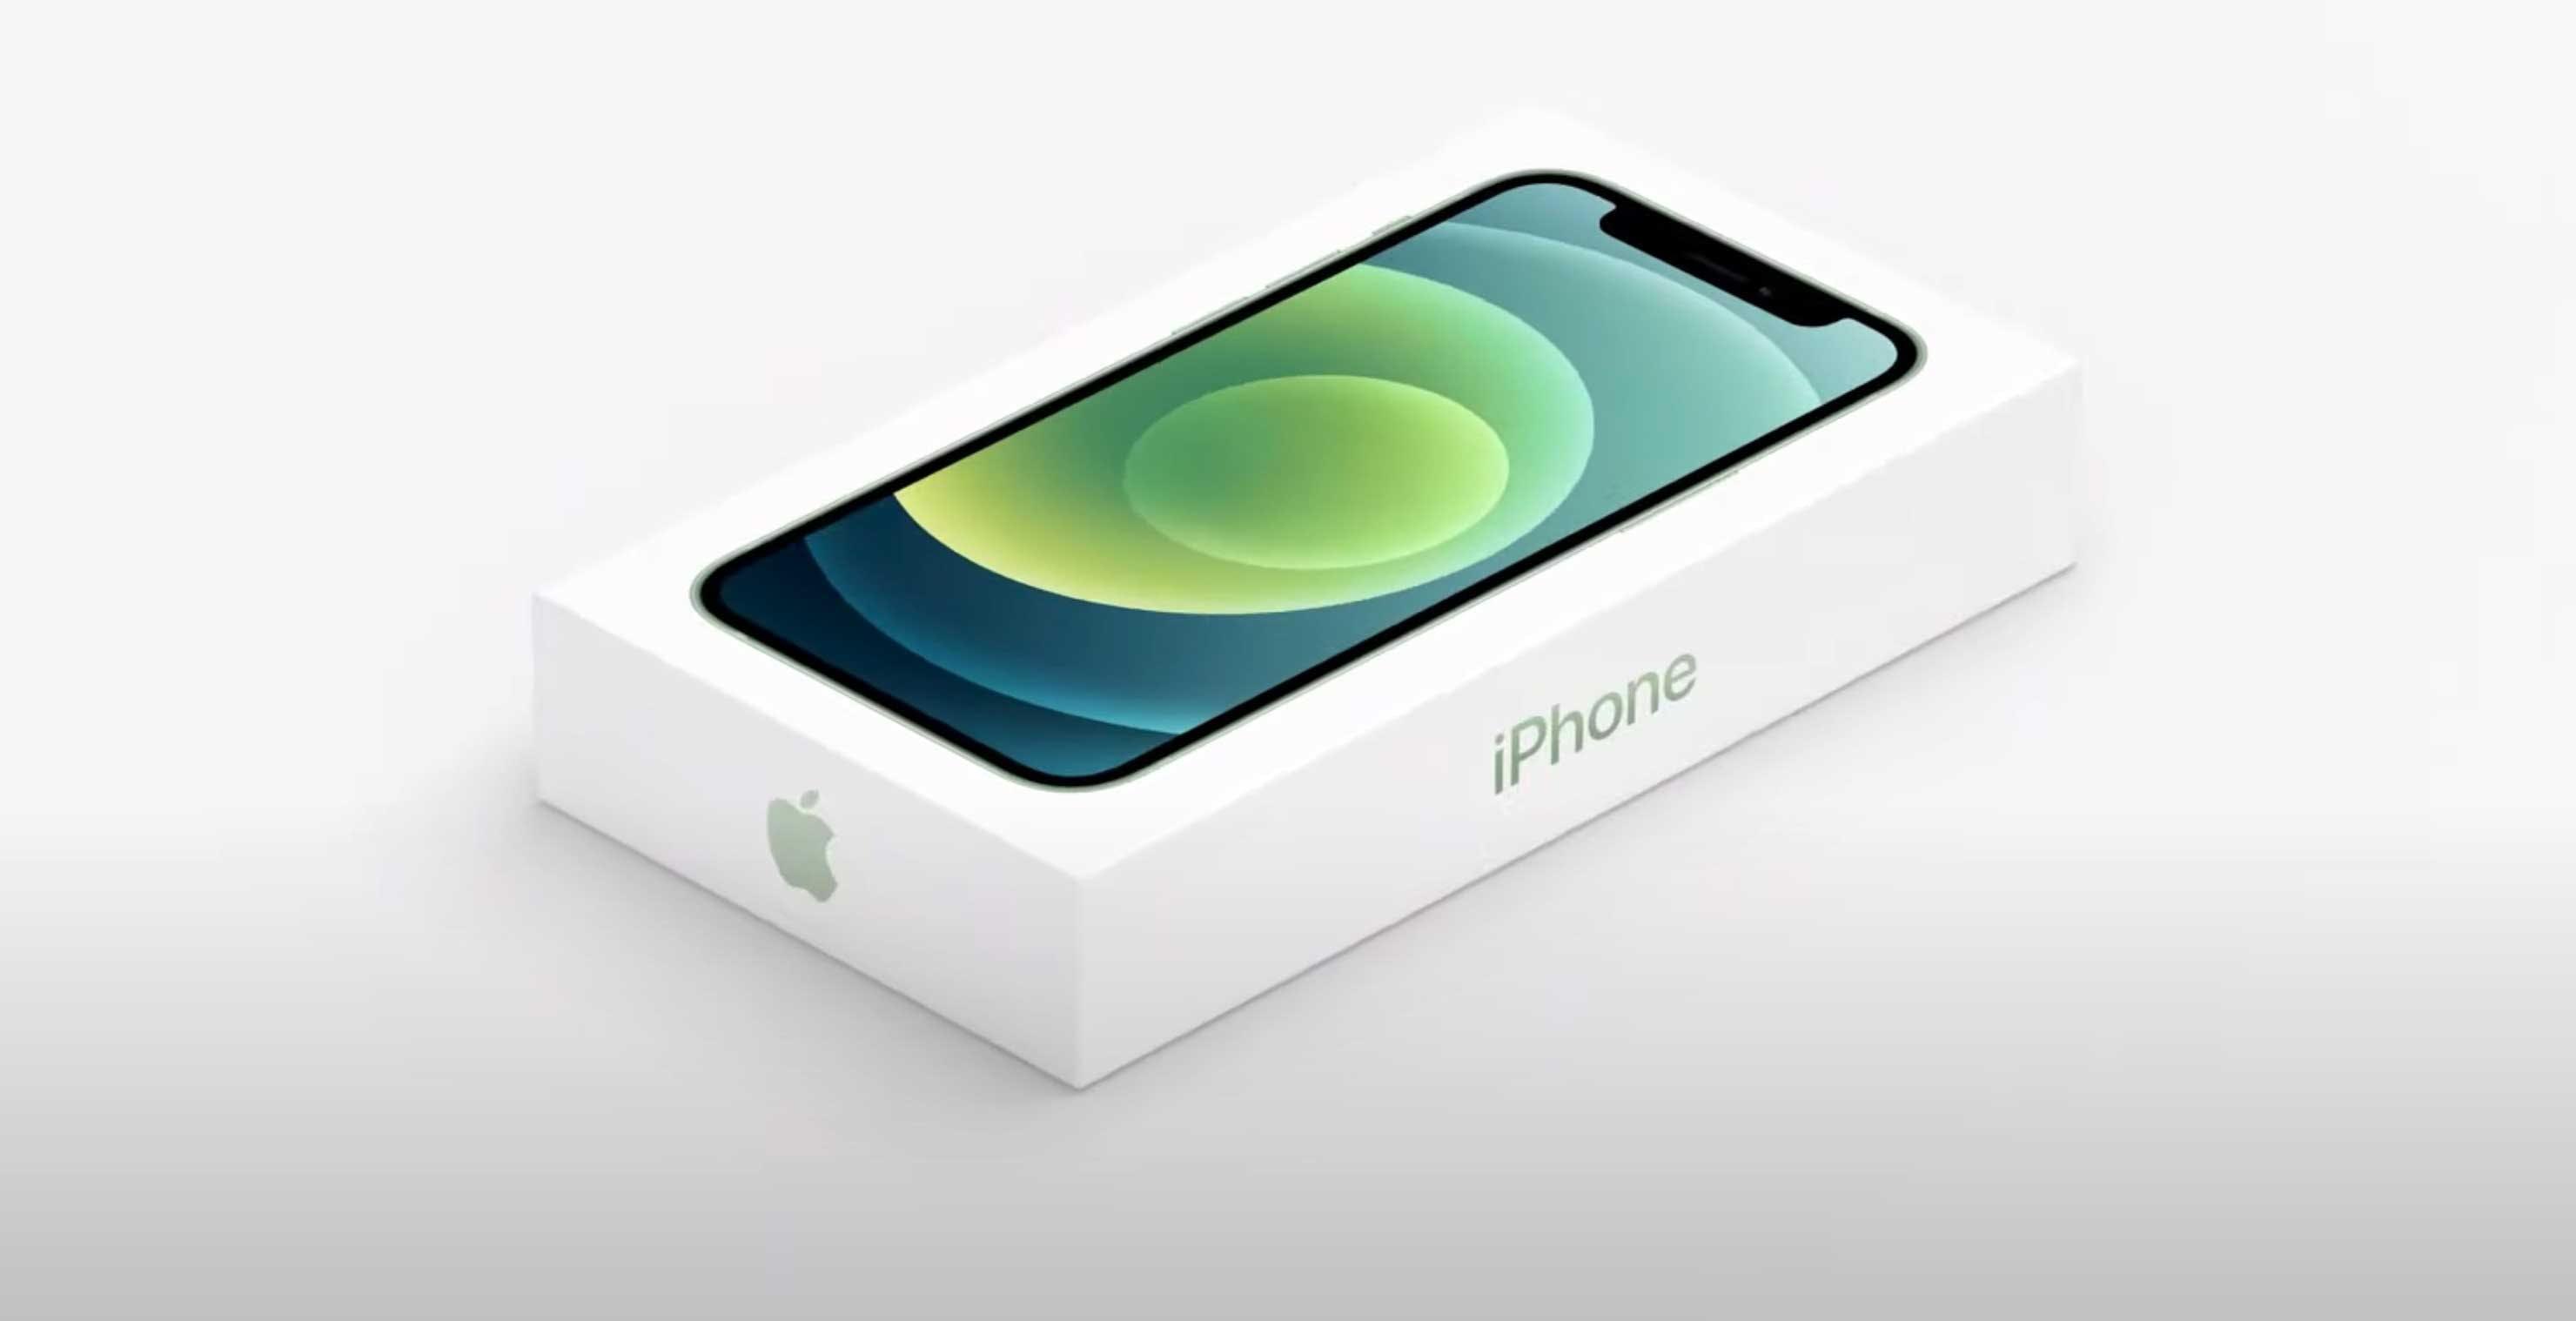 Niente caricatore e auricolari nella confezione, eppure l'iPhone 12 non è più green dell'iPhone 11. L'analisi